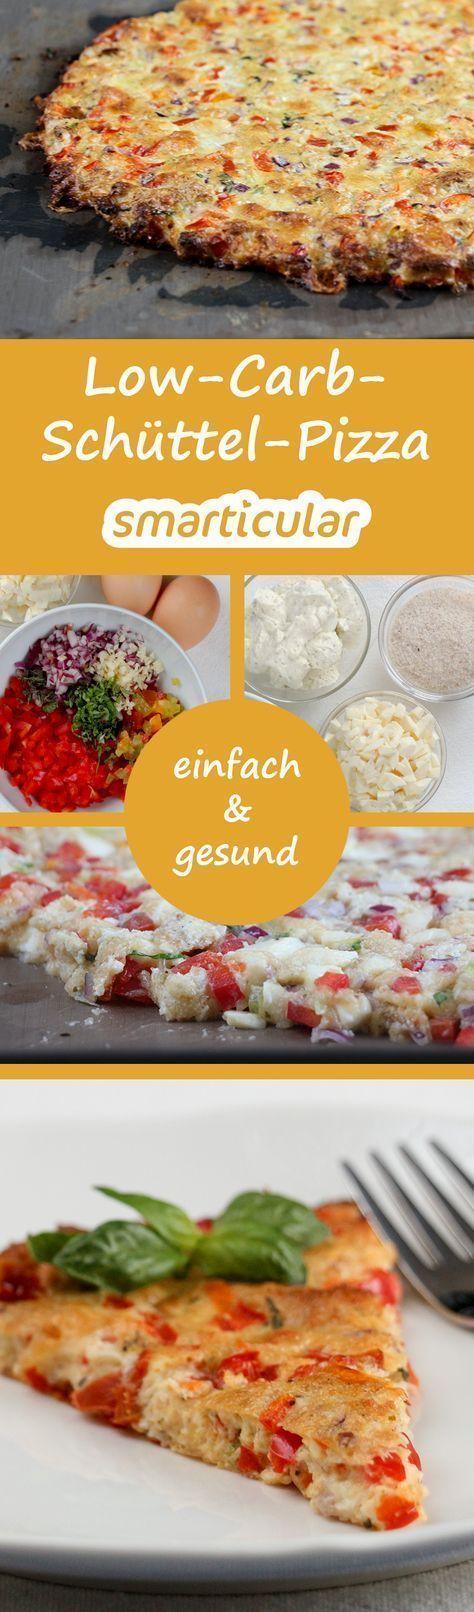 Schüttelpizza - so schnell hast du noch nie gesunde Pizza gemacht!